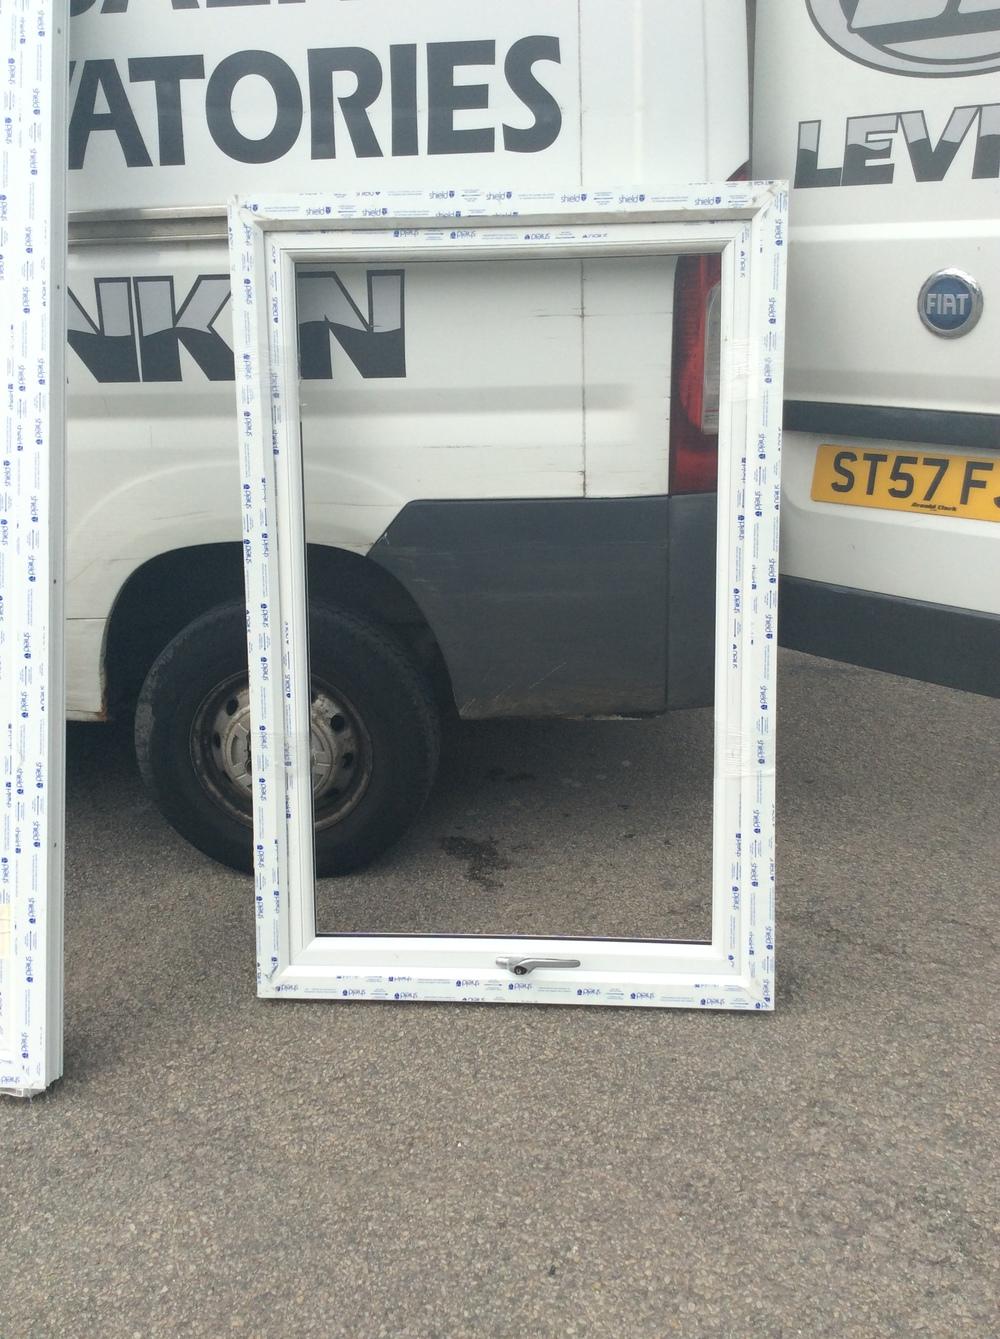 White uPVC casement window 990 mm wide x 1500 mm high £50 + VAT